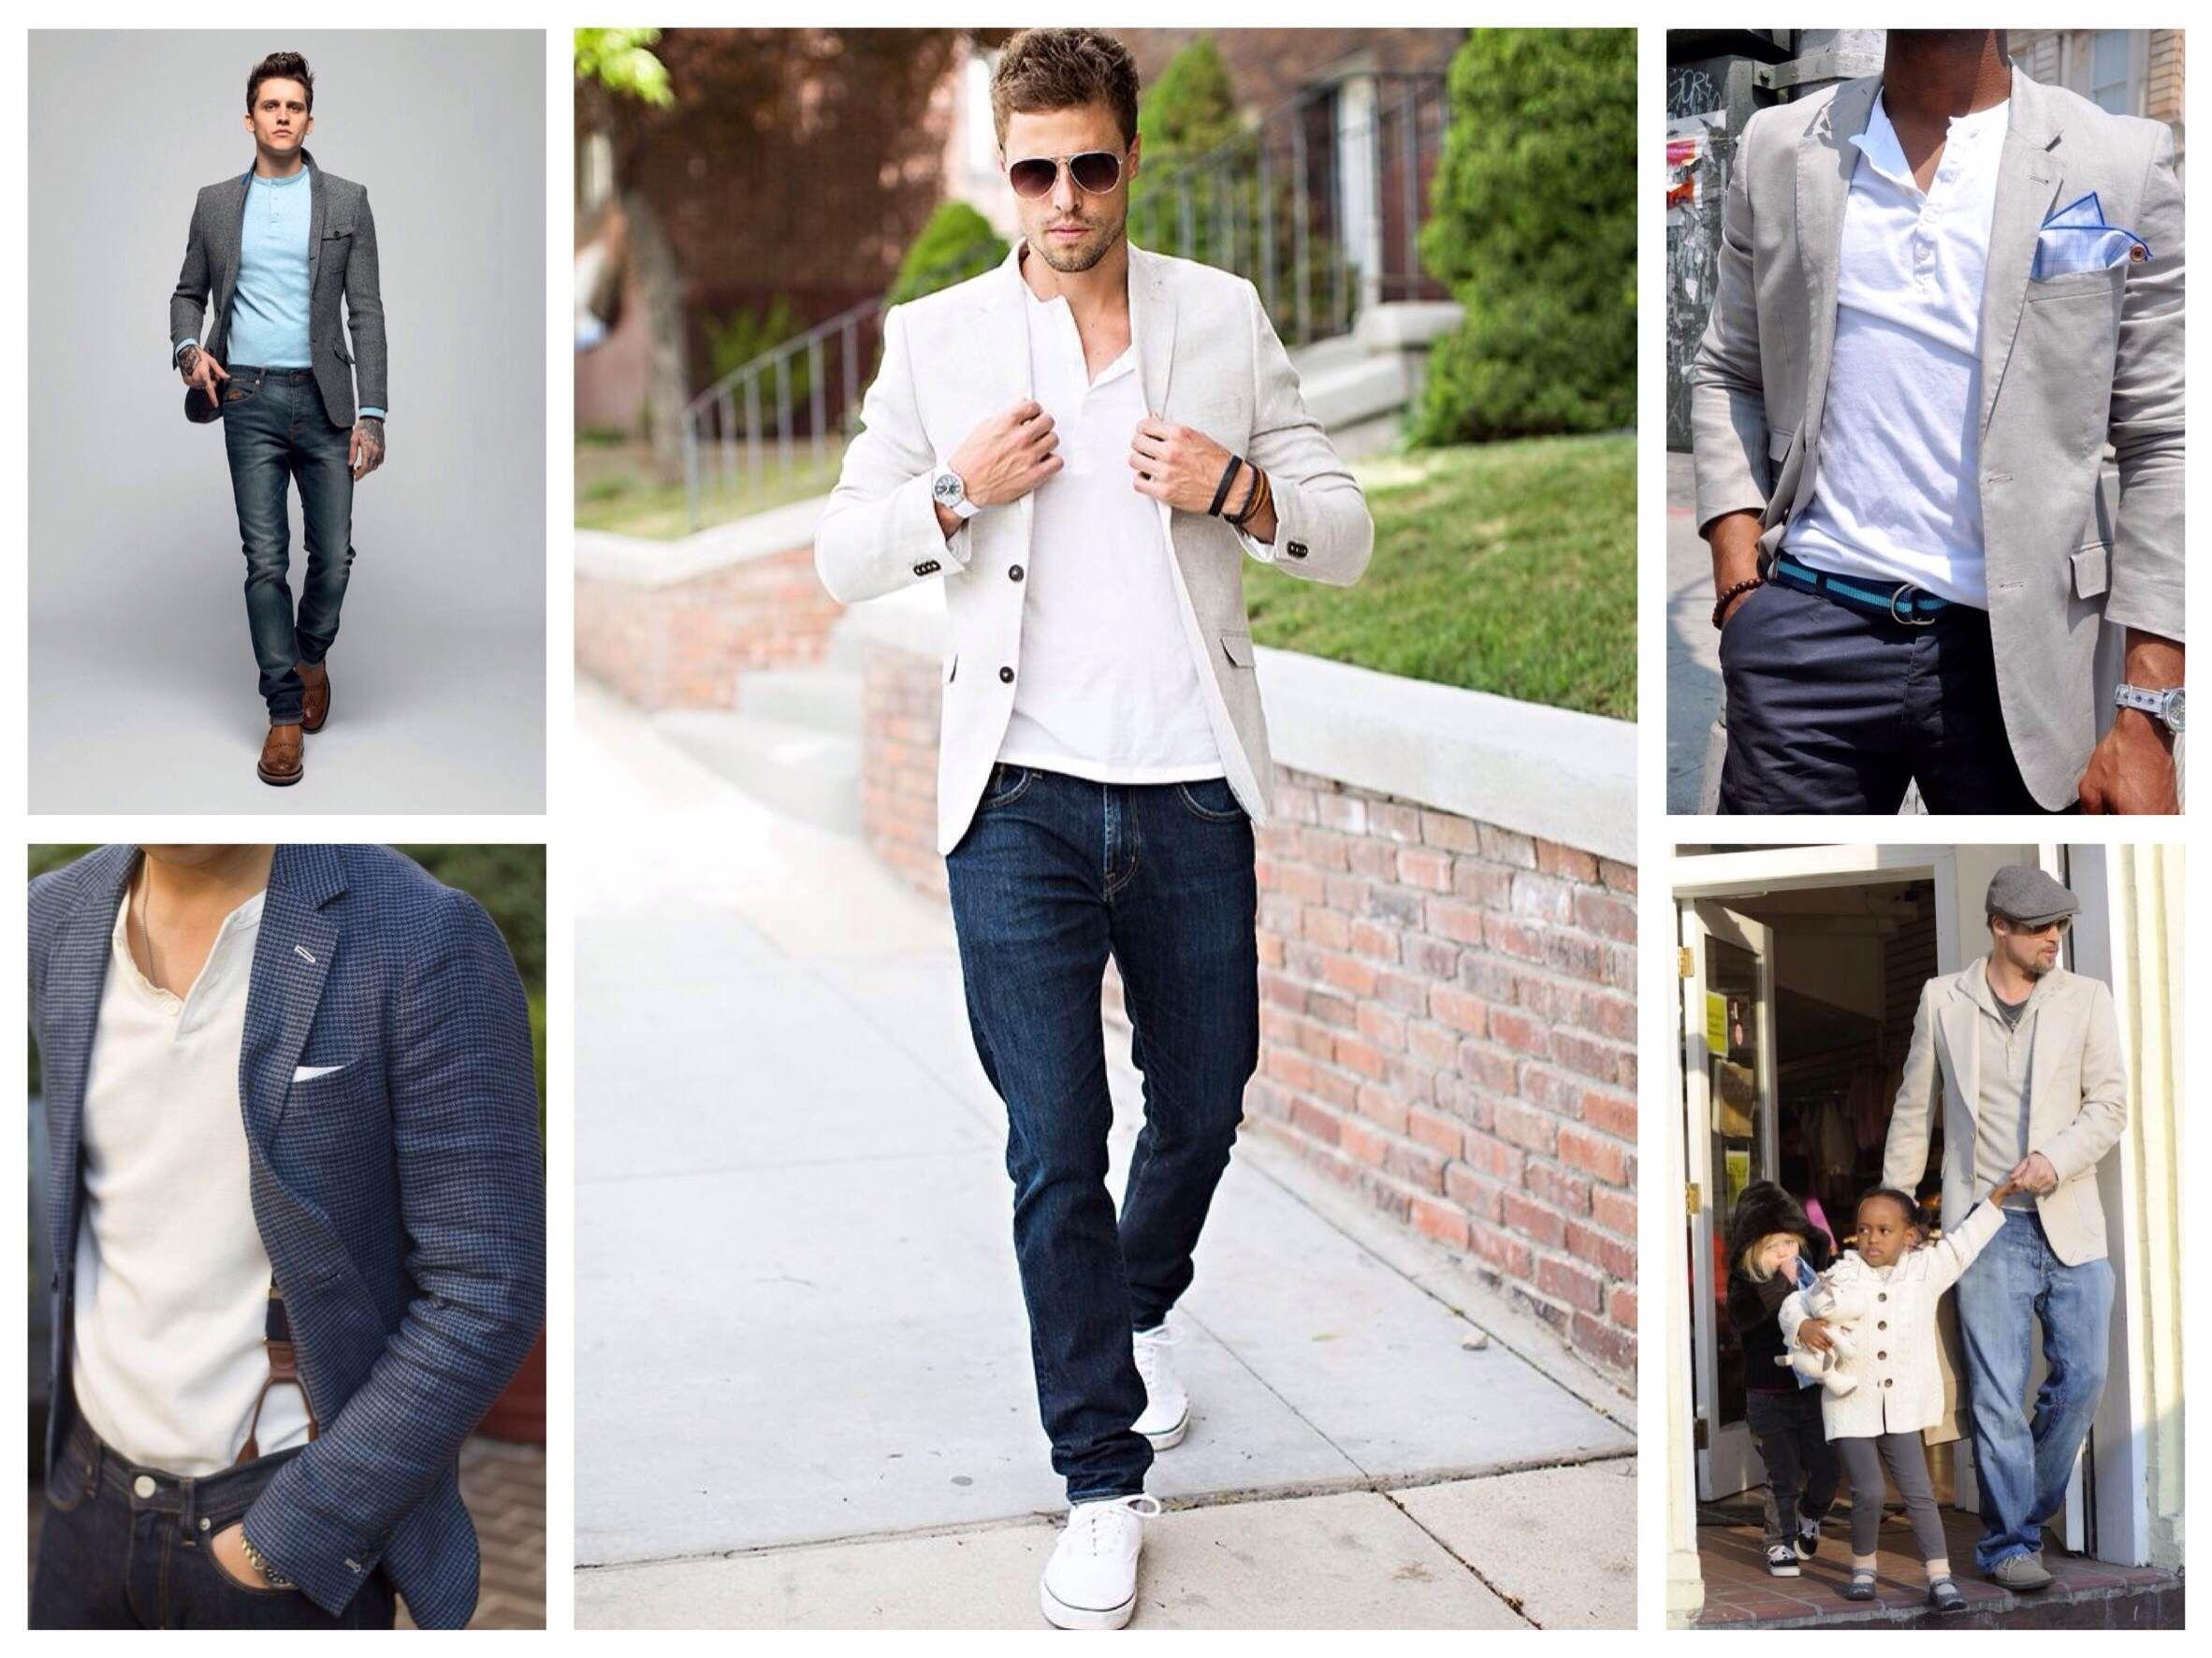 джинсы с пиджаком мужские фото на свадьбу передних колес